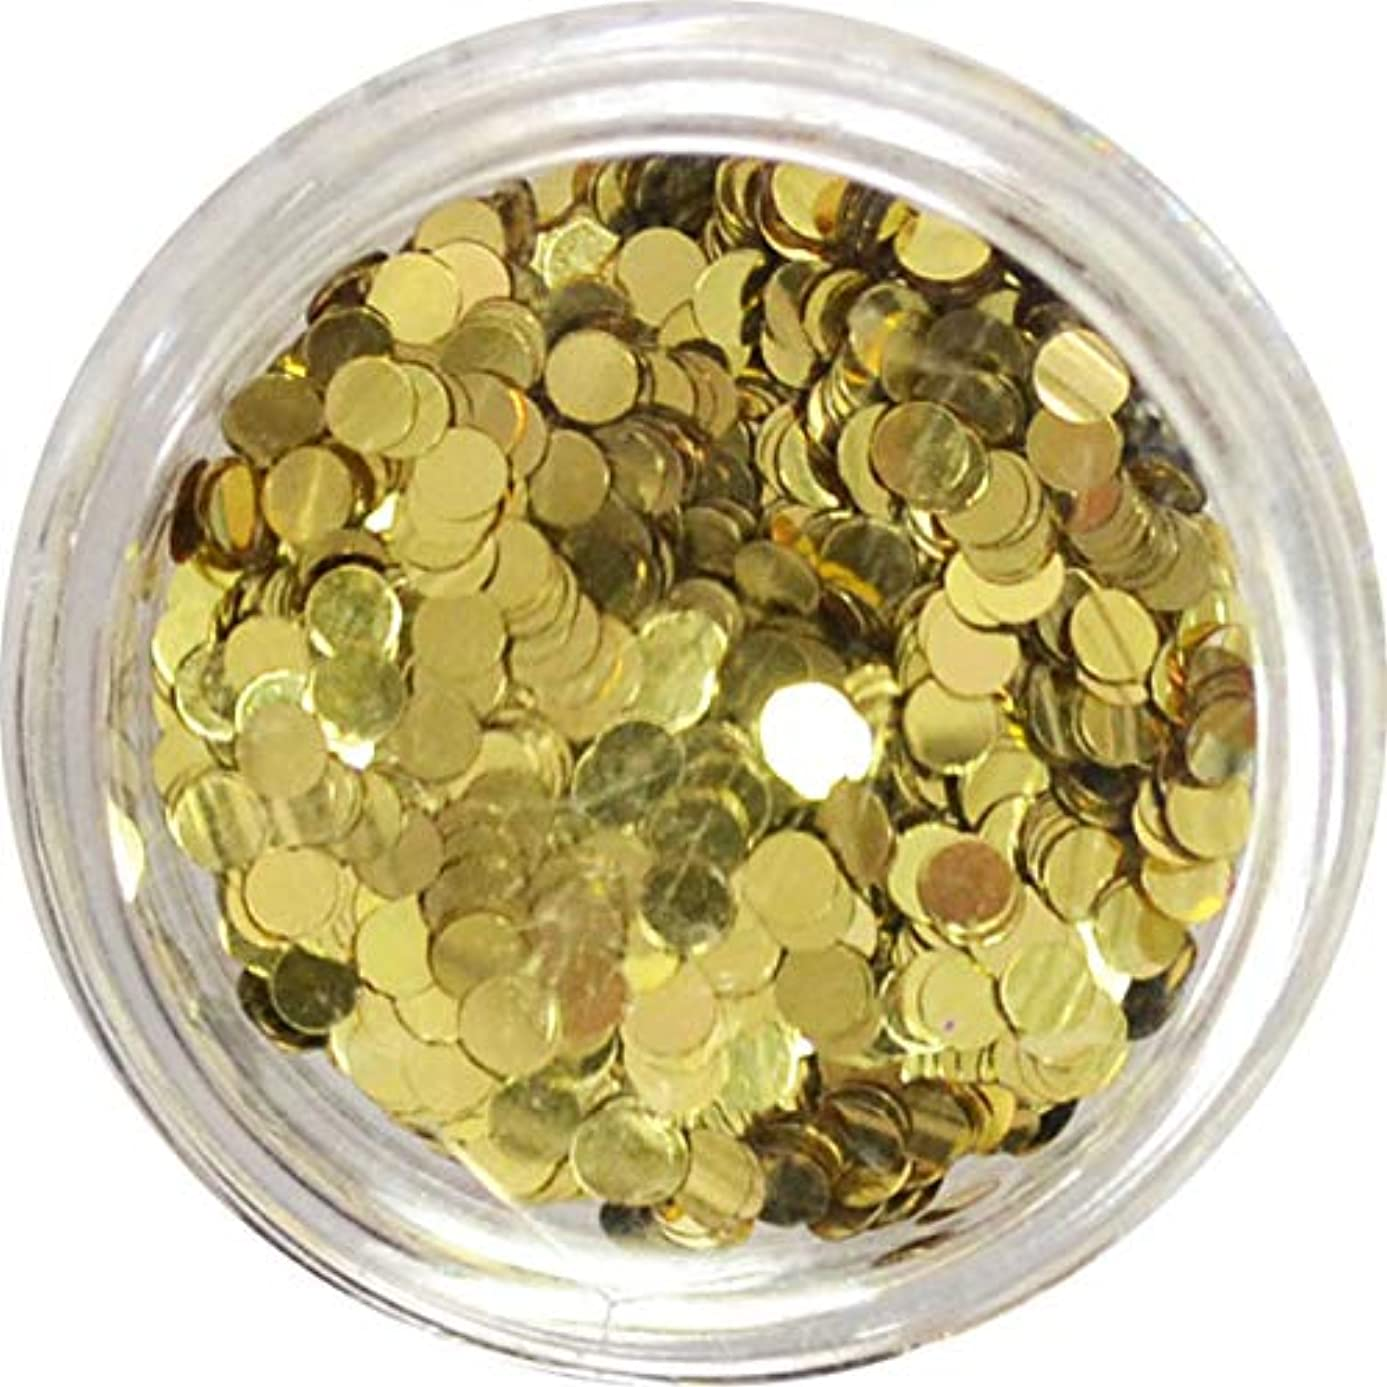 矢印柔和レトルト丸ホロ 水玉模様 ドット柄 など色々使える便利な 丸いホログラム 円形 丸型 ラウンド ホログラム (ゴールド2mm)